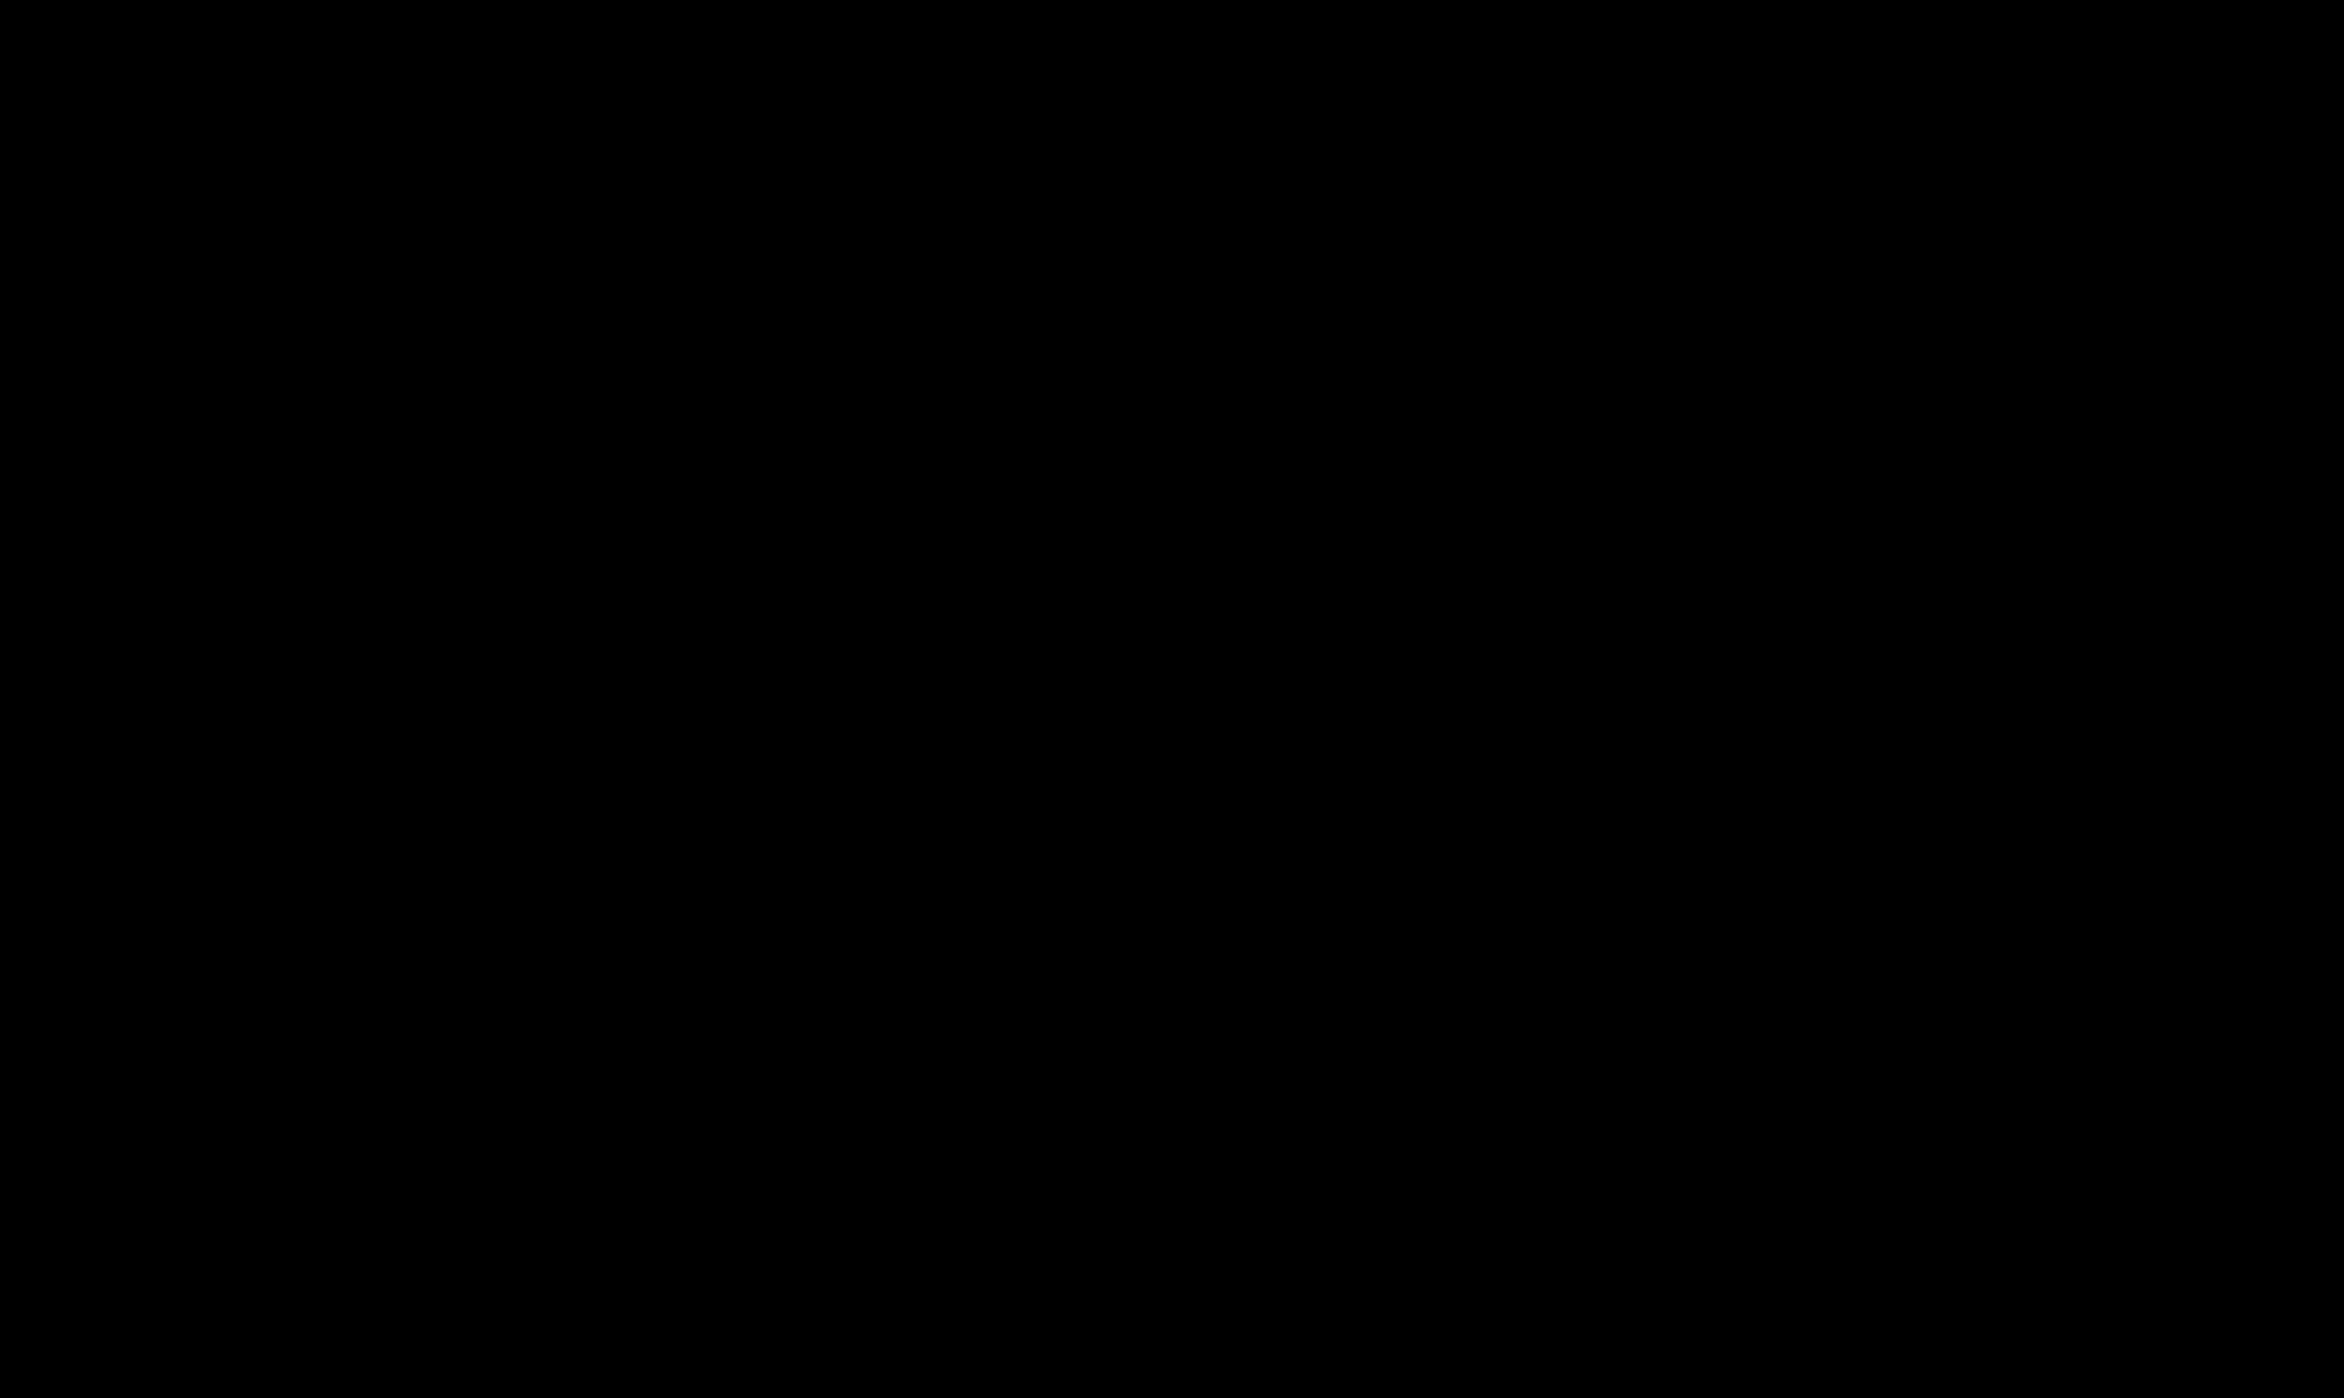 enes-uenal-client-logos-deutsche-bahn-bank-lufthansa